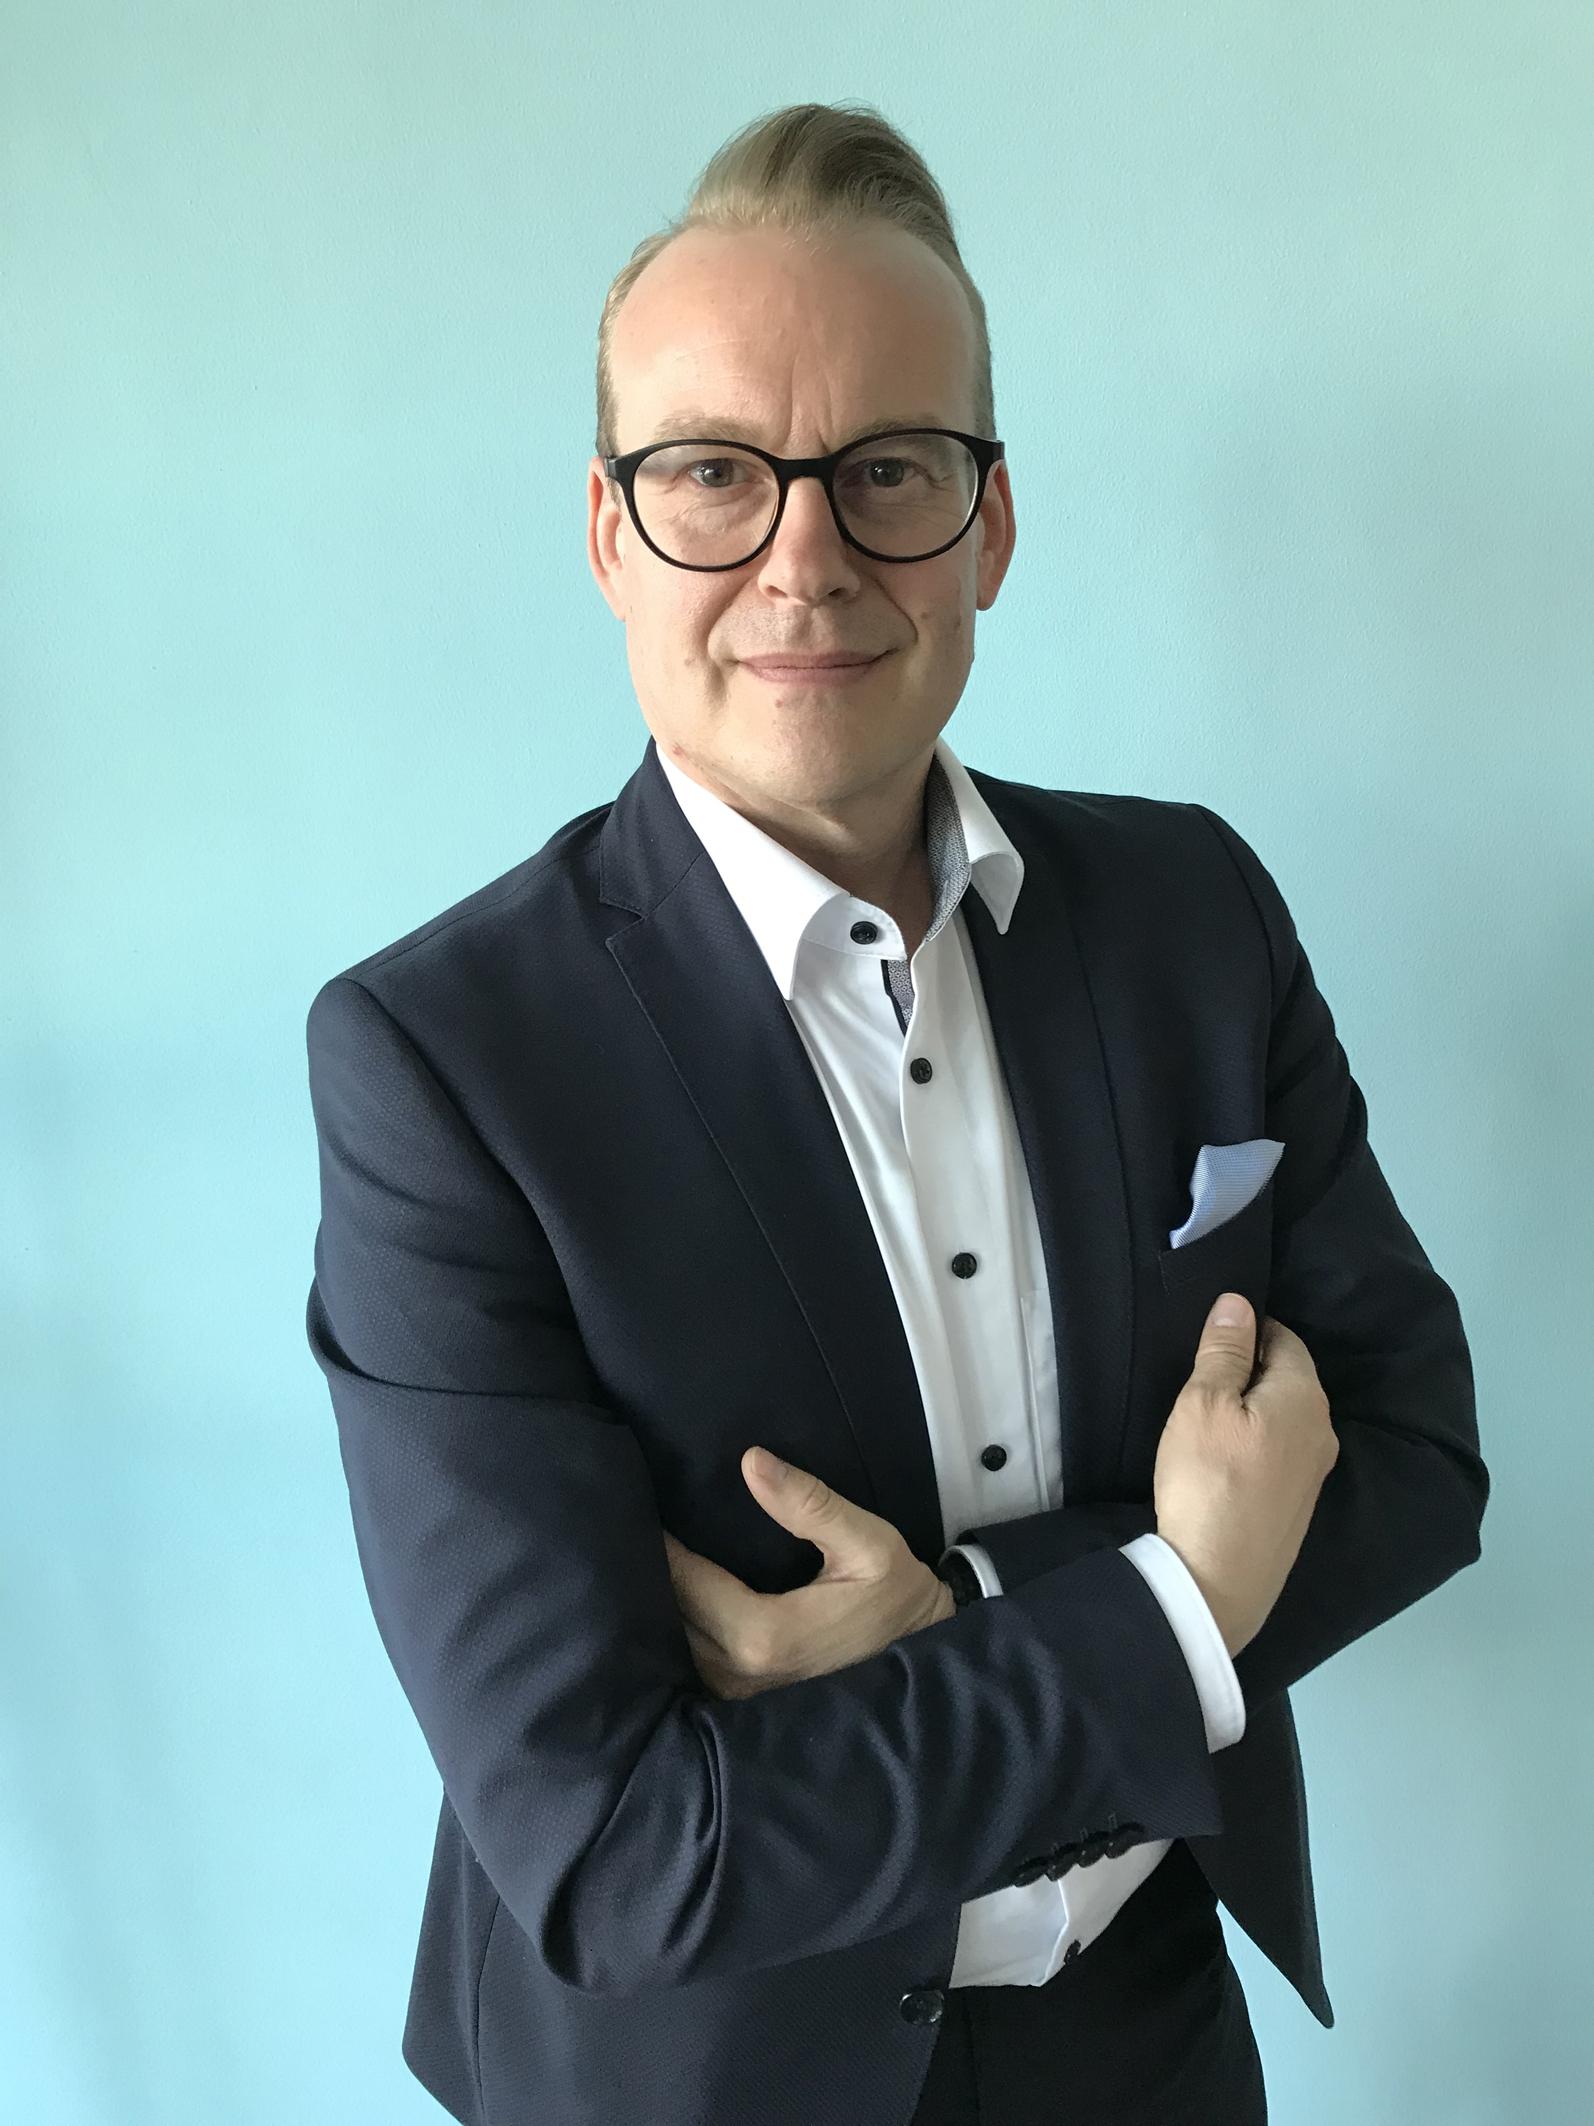 Klaus Schalk, zuvor Global Account Manager, übernimmt ab 1. Mai 2019 die Position des Vertriebsleiters der Kinnarps GmbH. Abbildung: Kinnarps